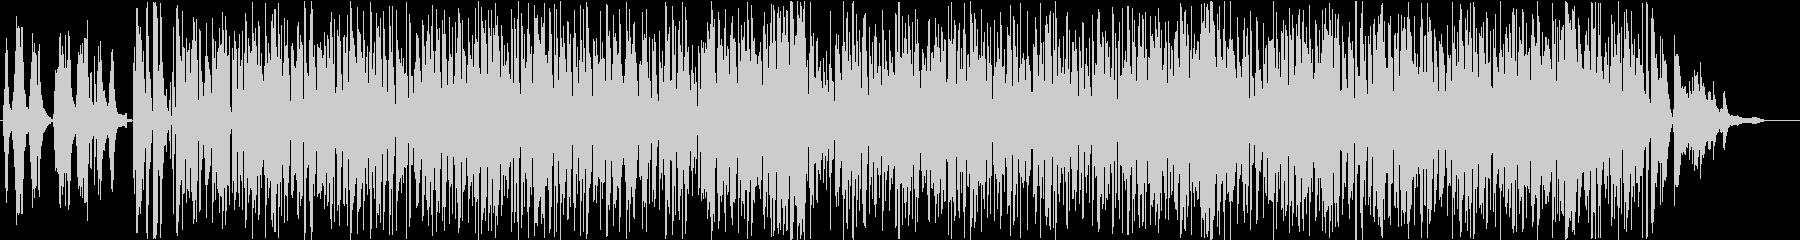 フランス・アコーディオンのスウィングの未再生の波形